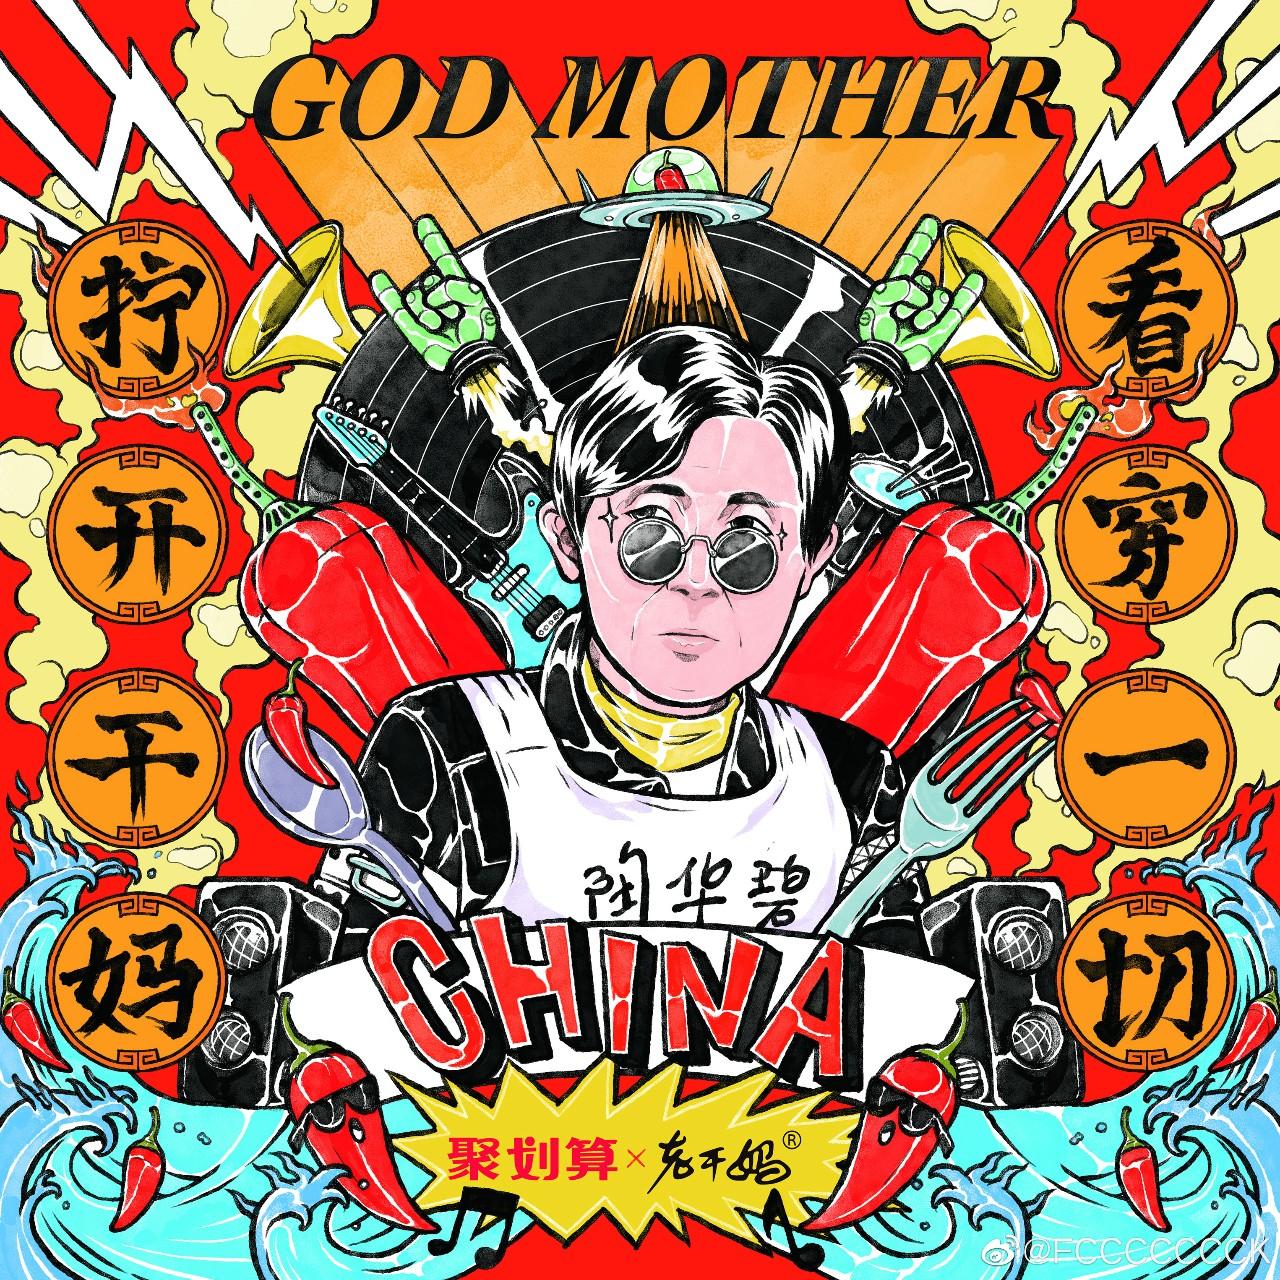 The Godmother -juhuasuan-8